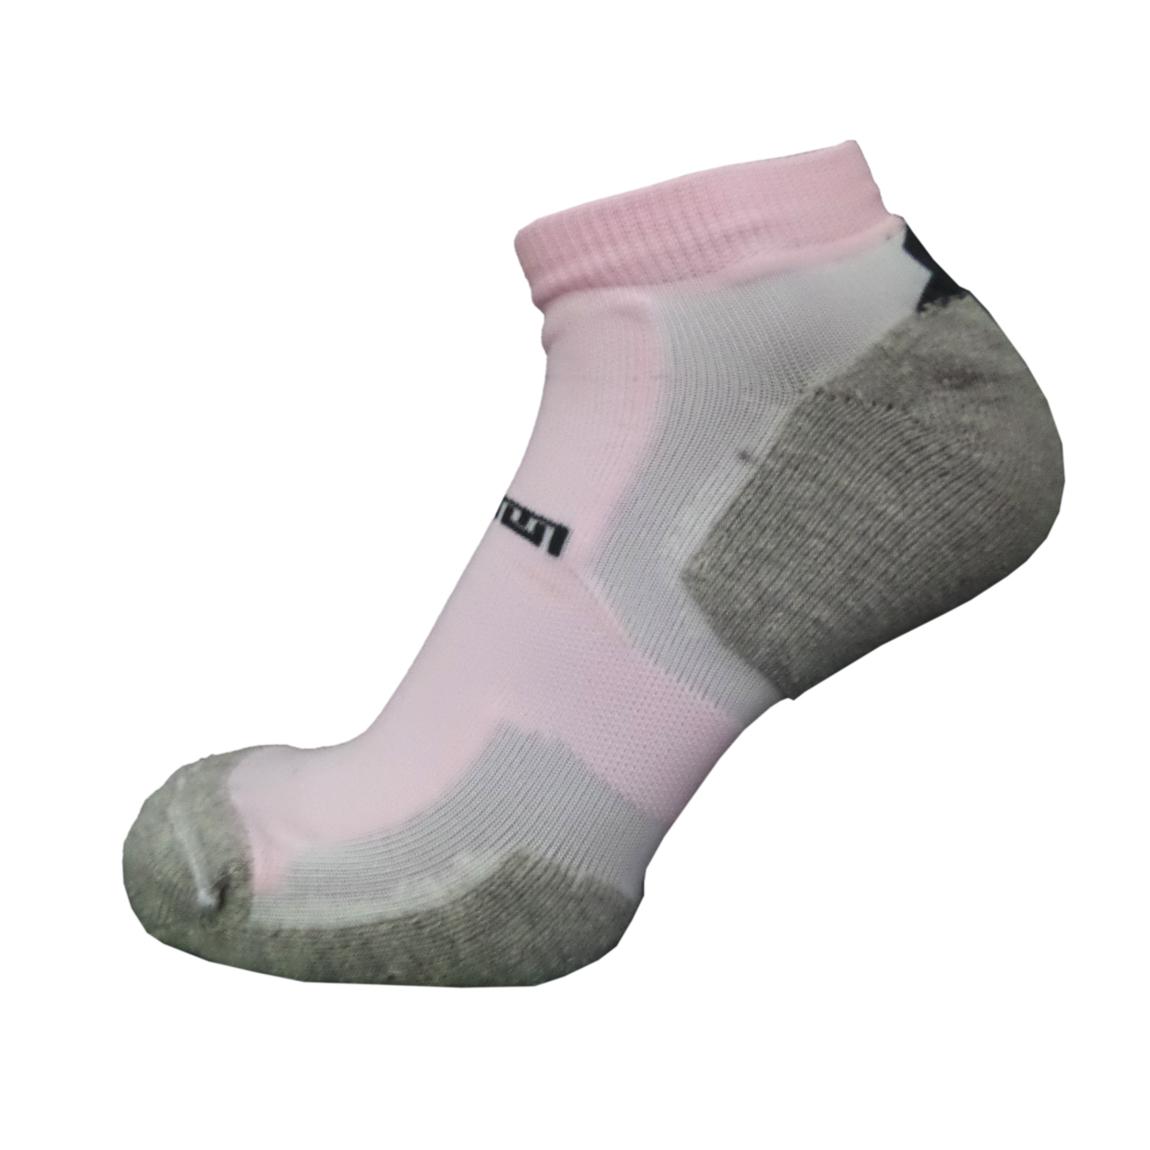 Par de meia atlética  - Branca com listras rosa bebê e mescla